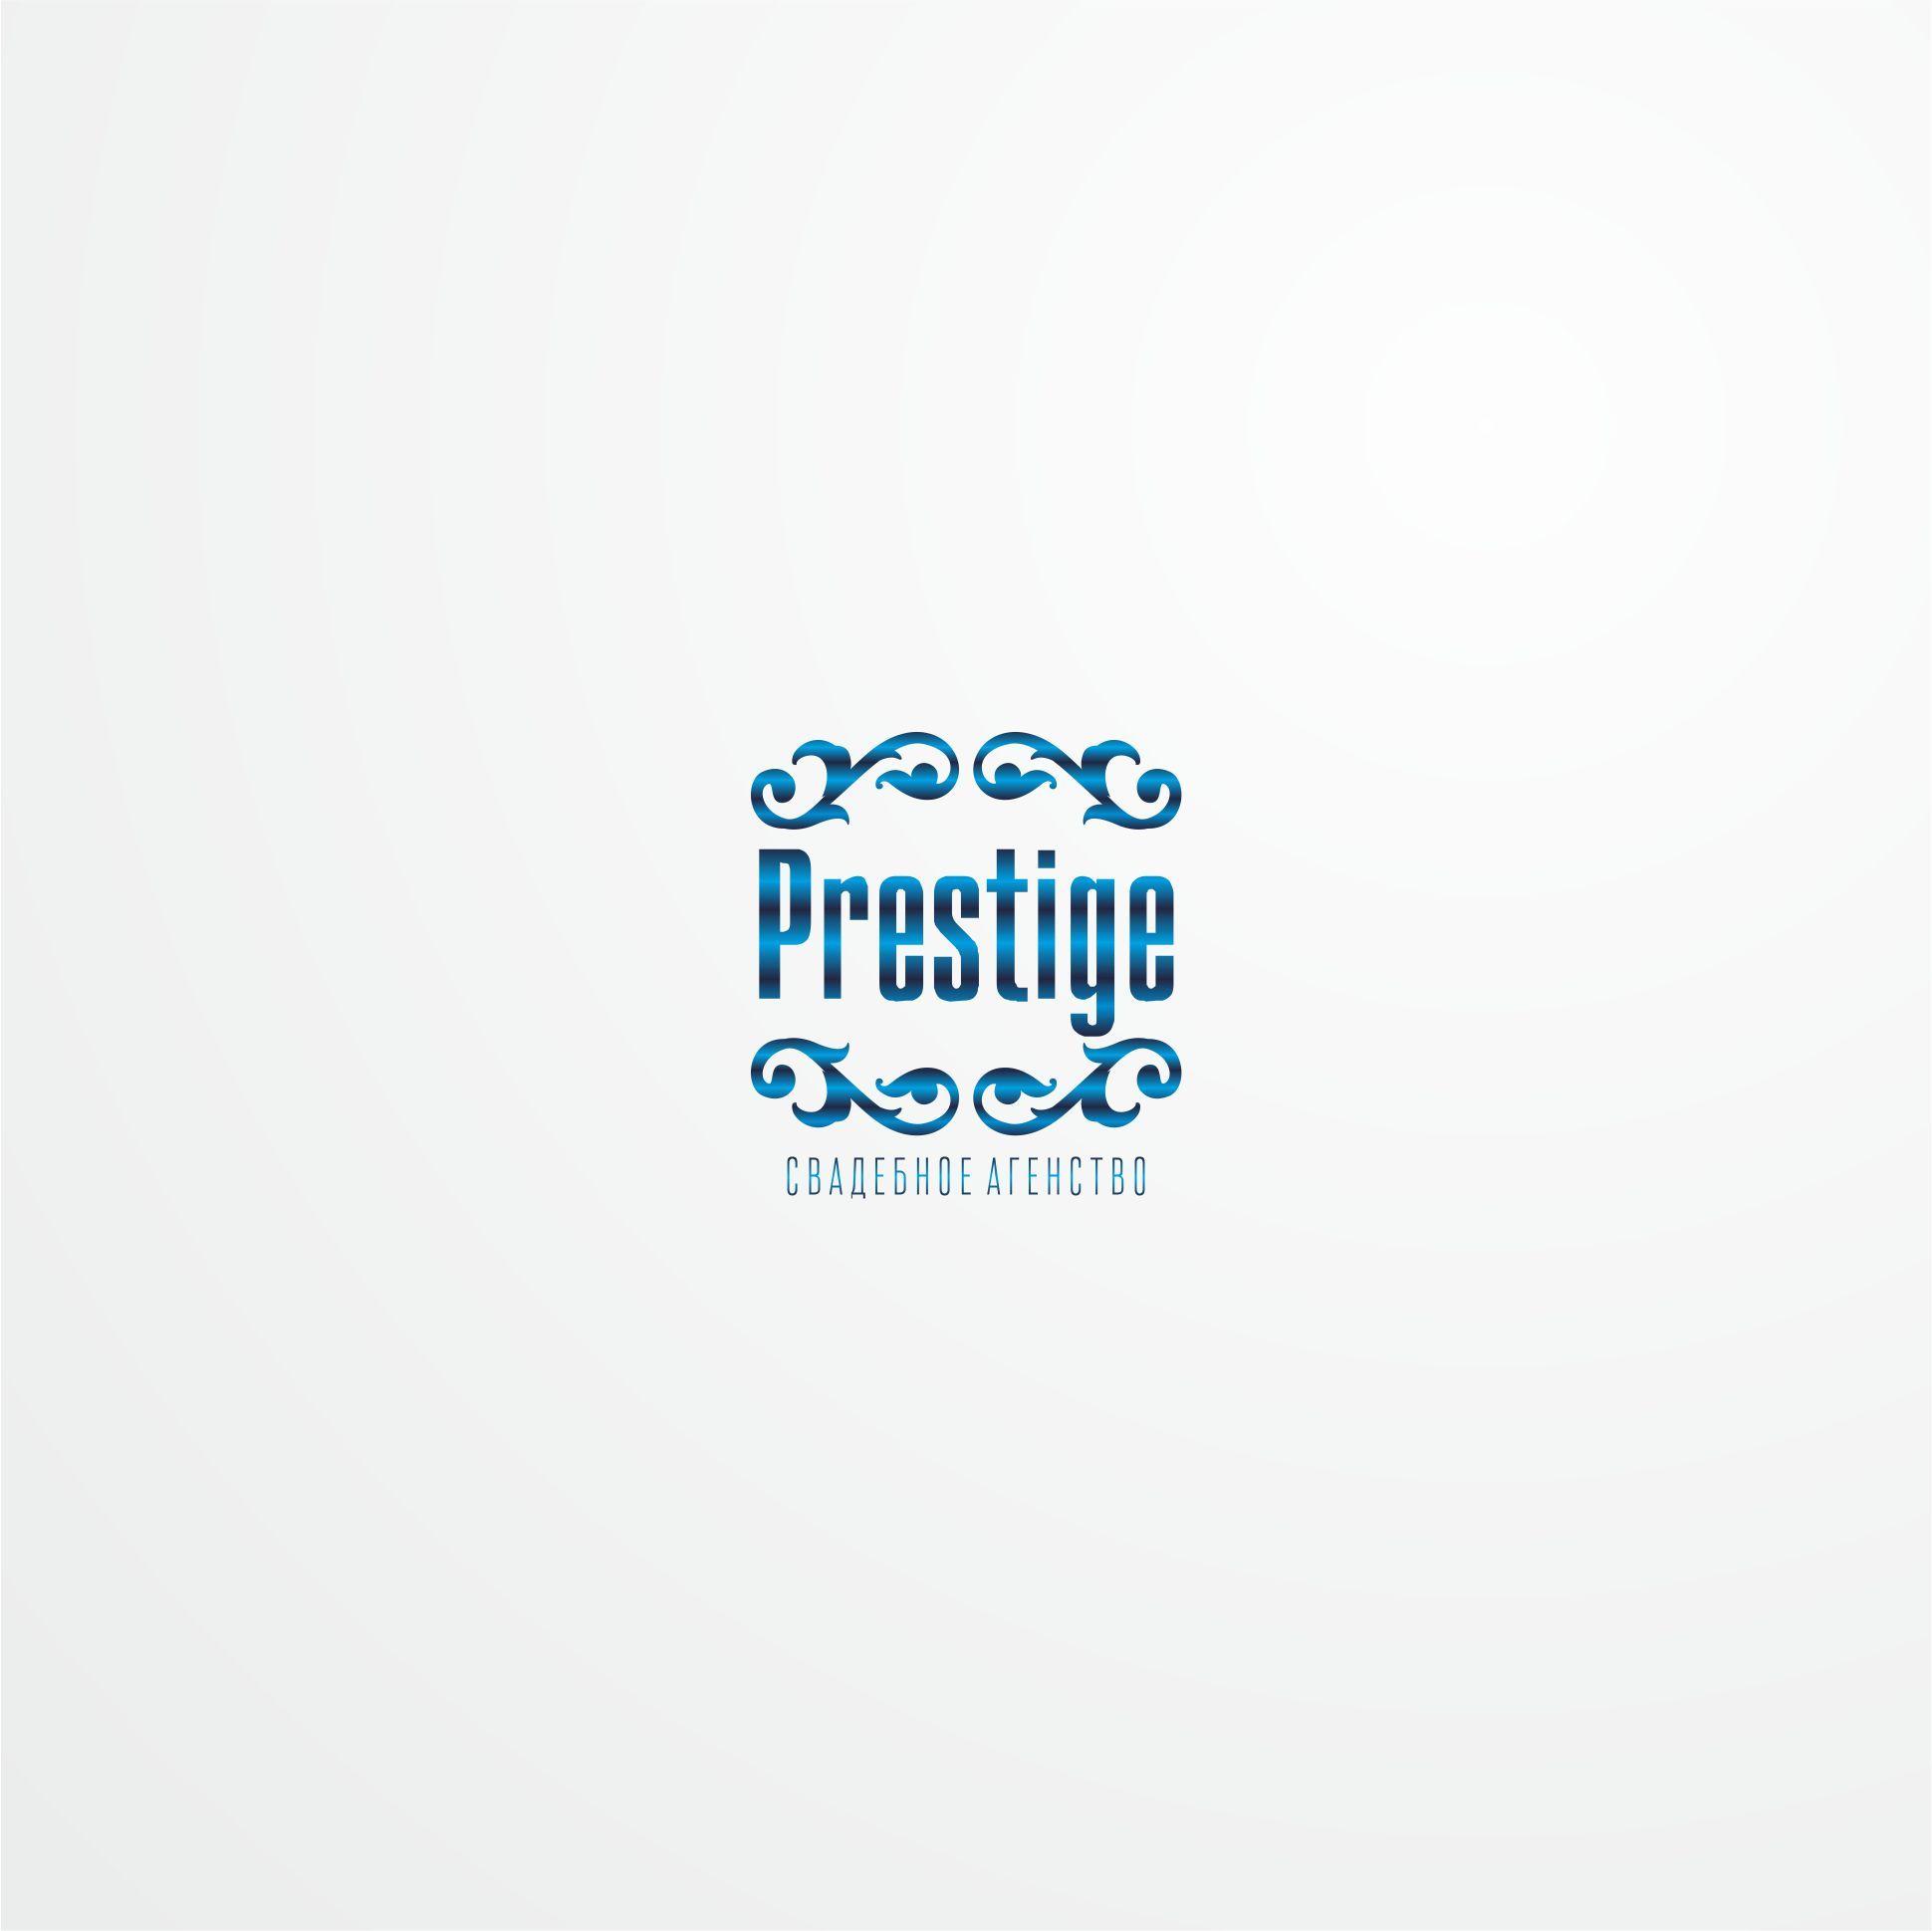 Логотип для свадебного агентства Prestige - дизайнер Azullin